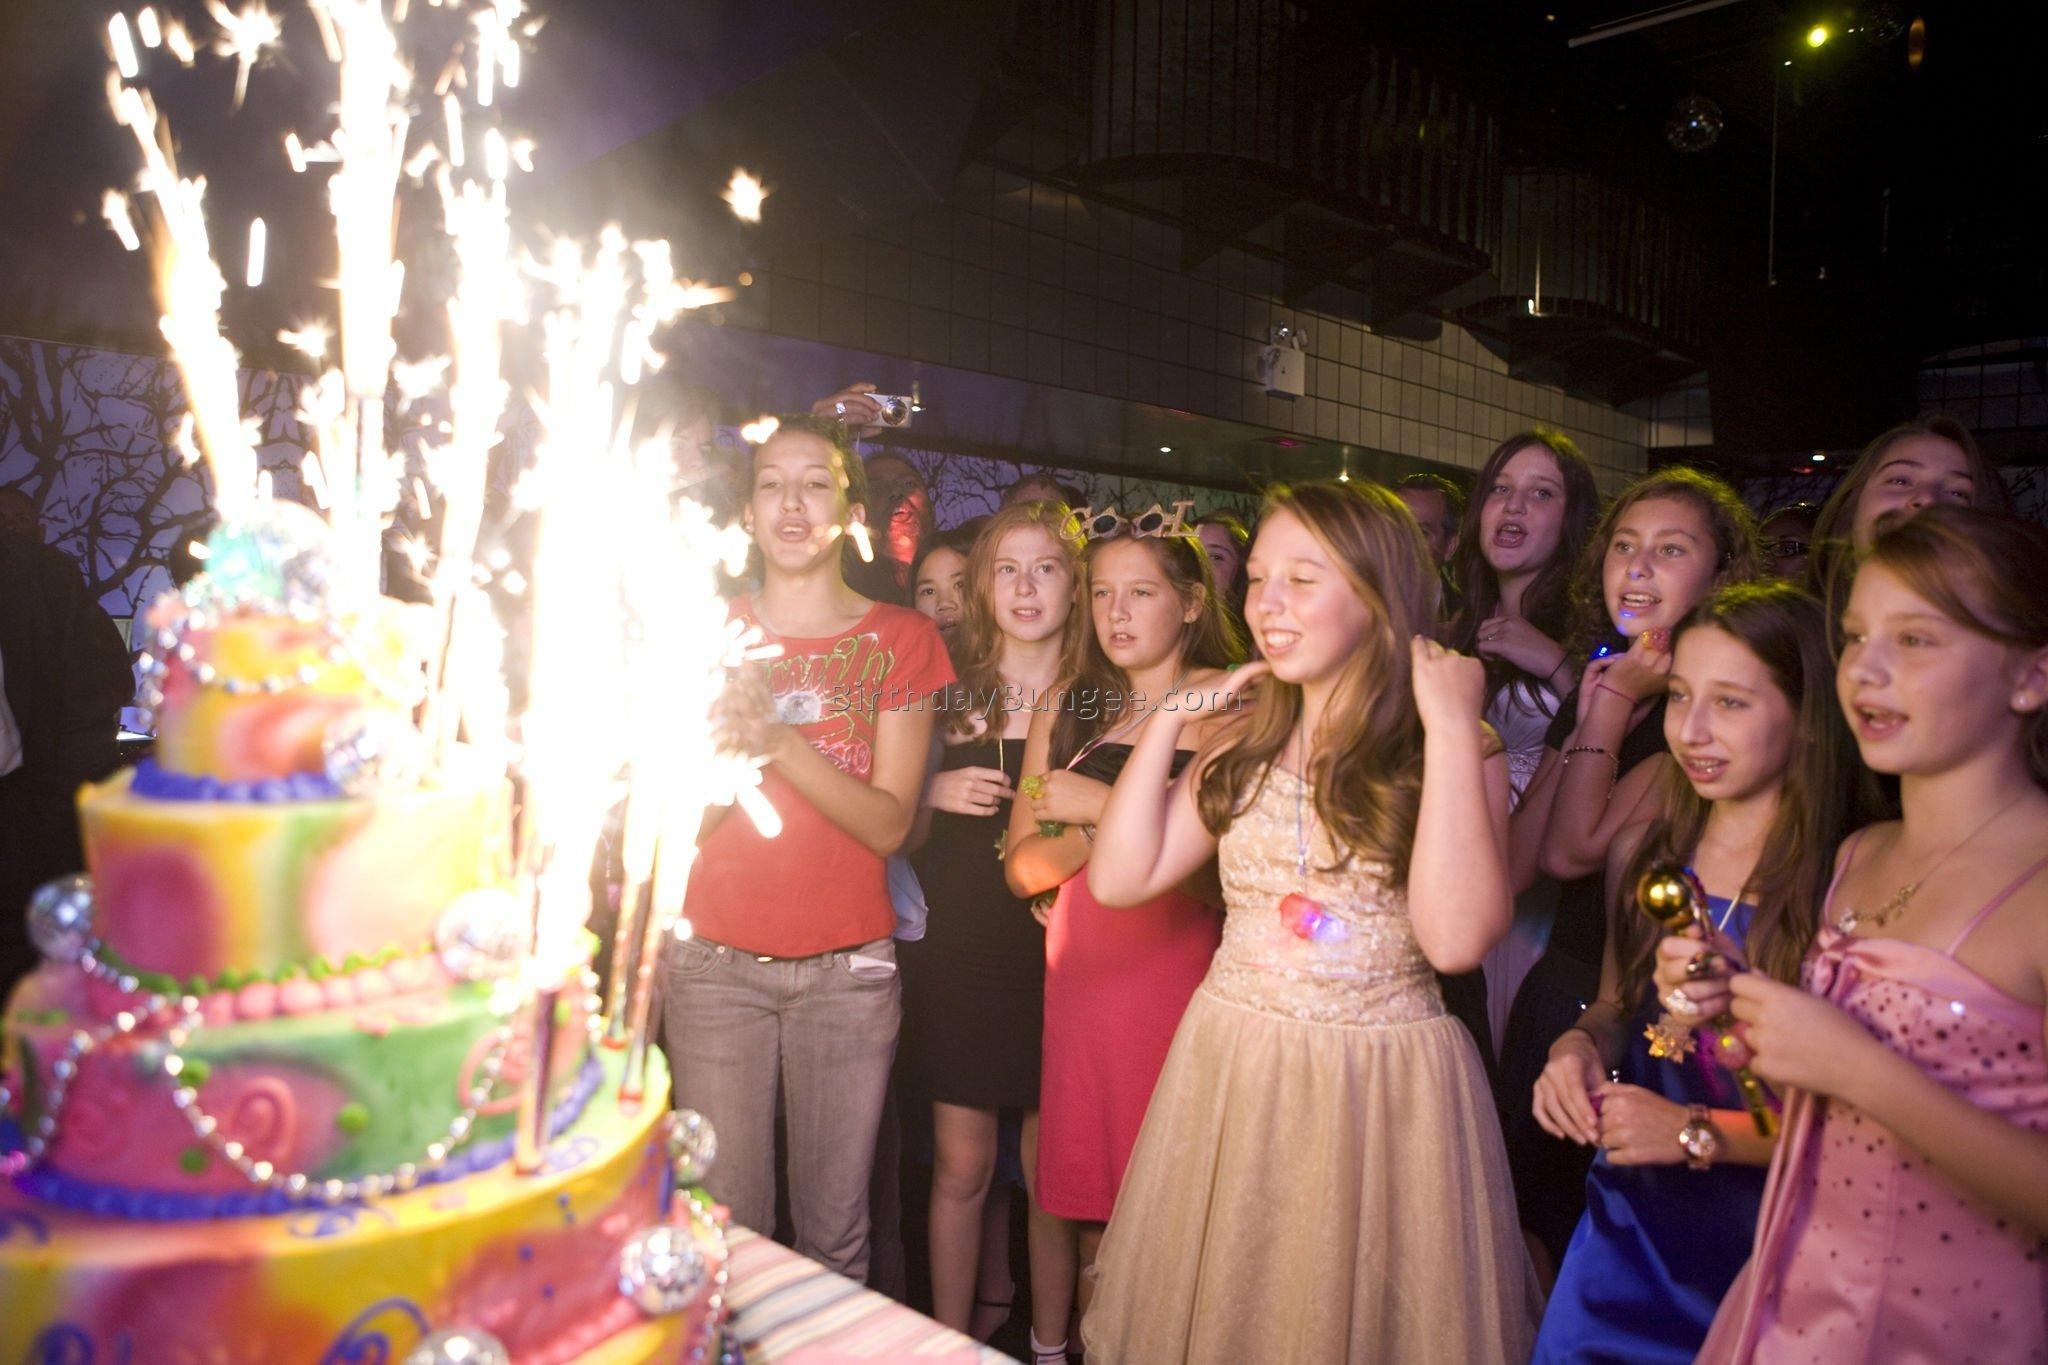 10 Great 12 Yr Old Birthday Ideas 6 yr old girl gift ideas tags 6 yr old girl birthday gift ideas 2 2021